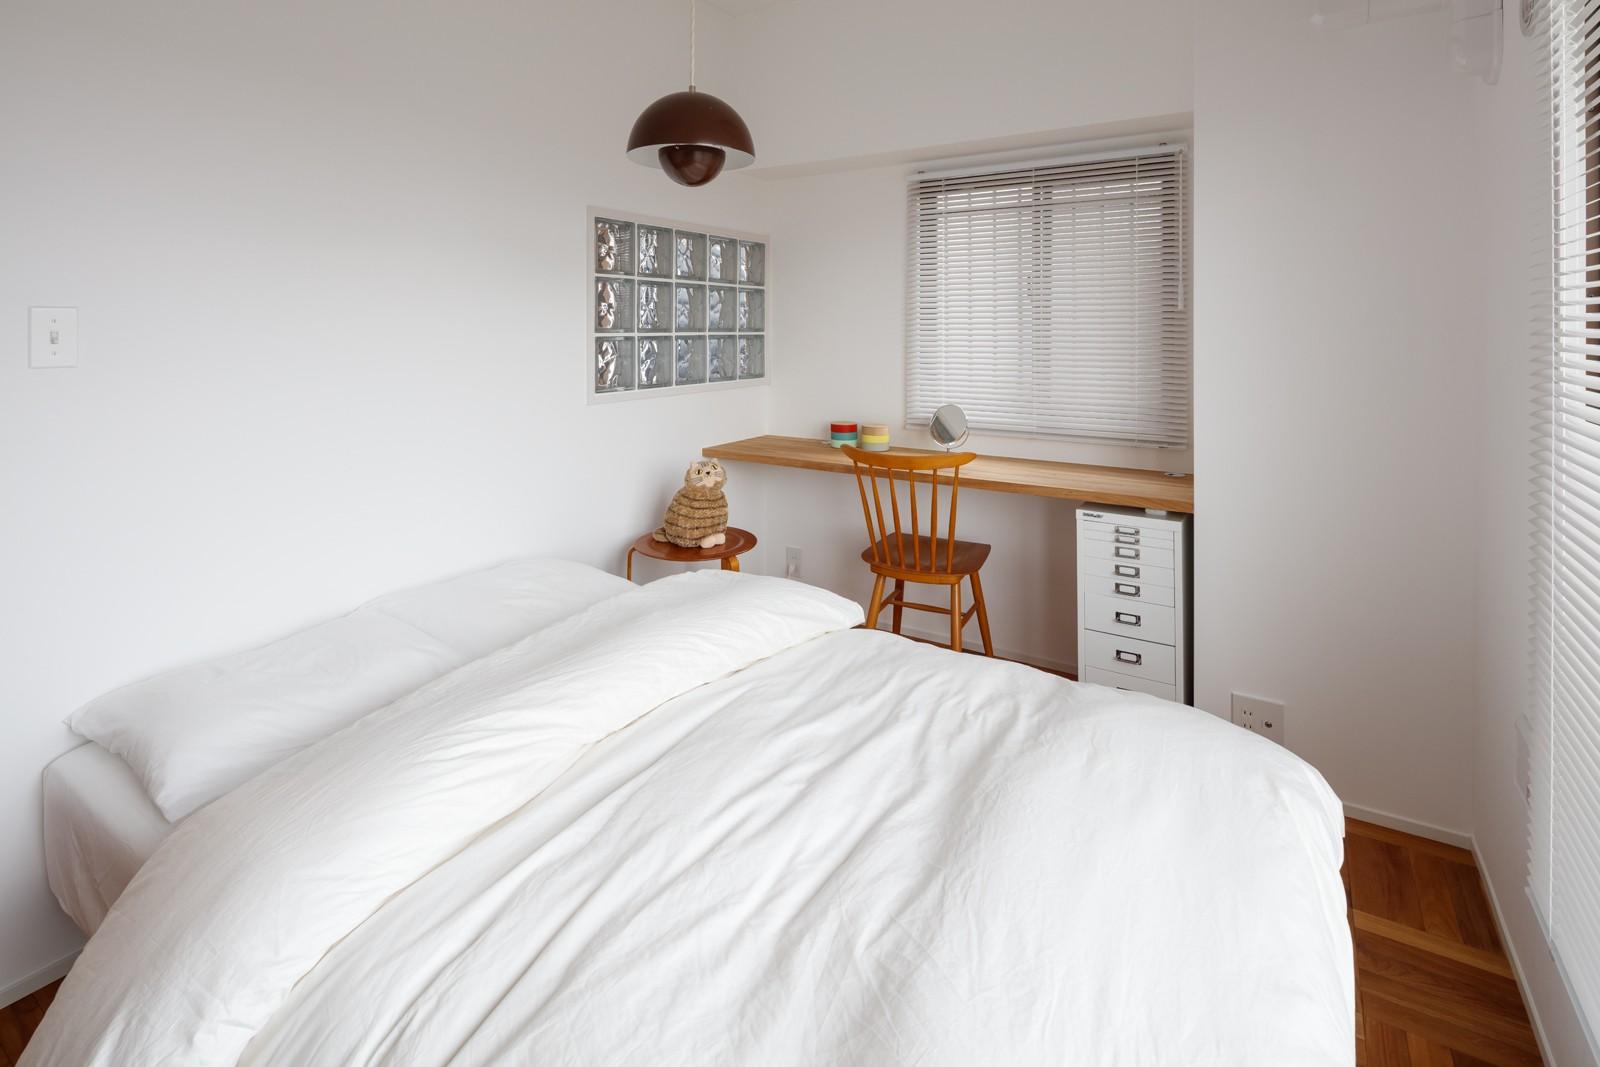 ベッドルーム事例:寝室(『a new day』 ― むだなく、シンプルに。)